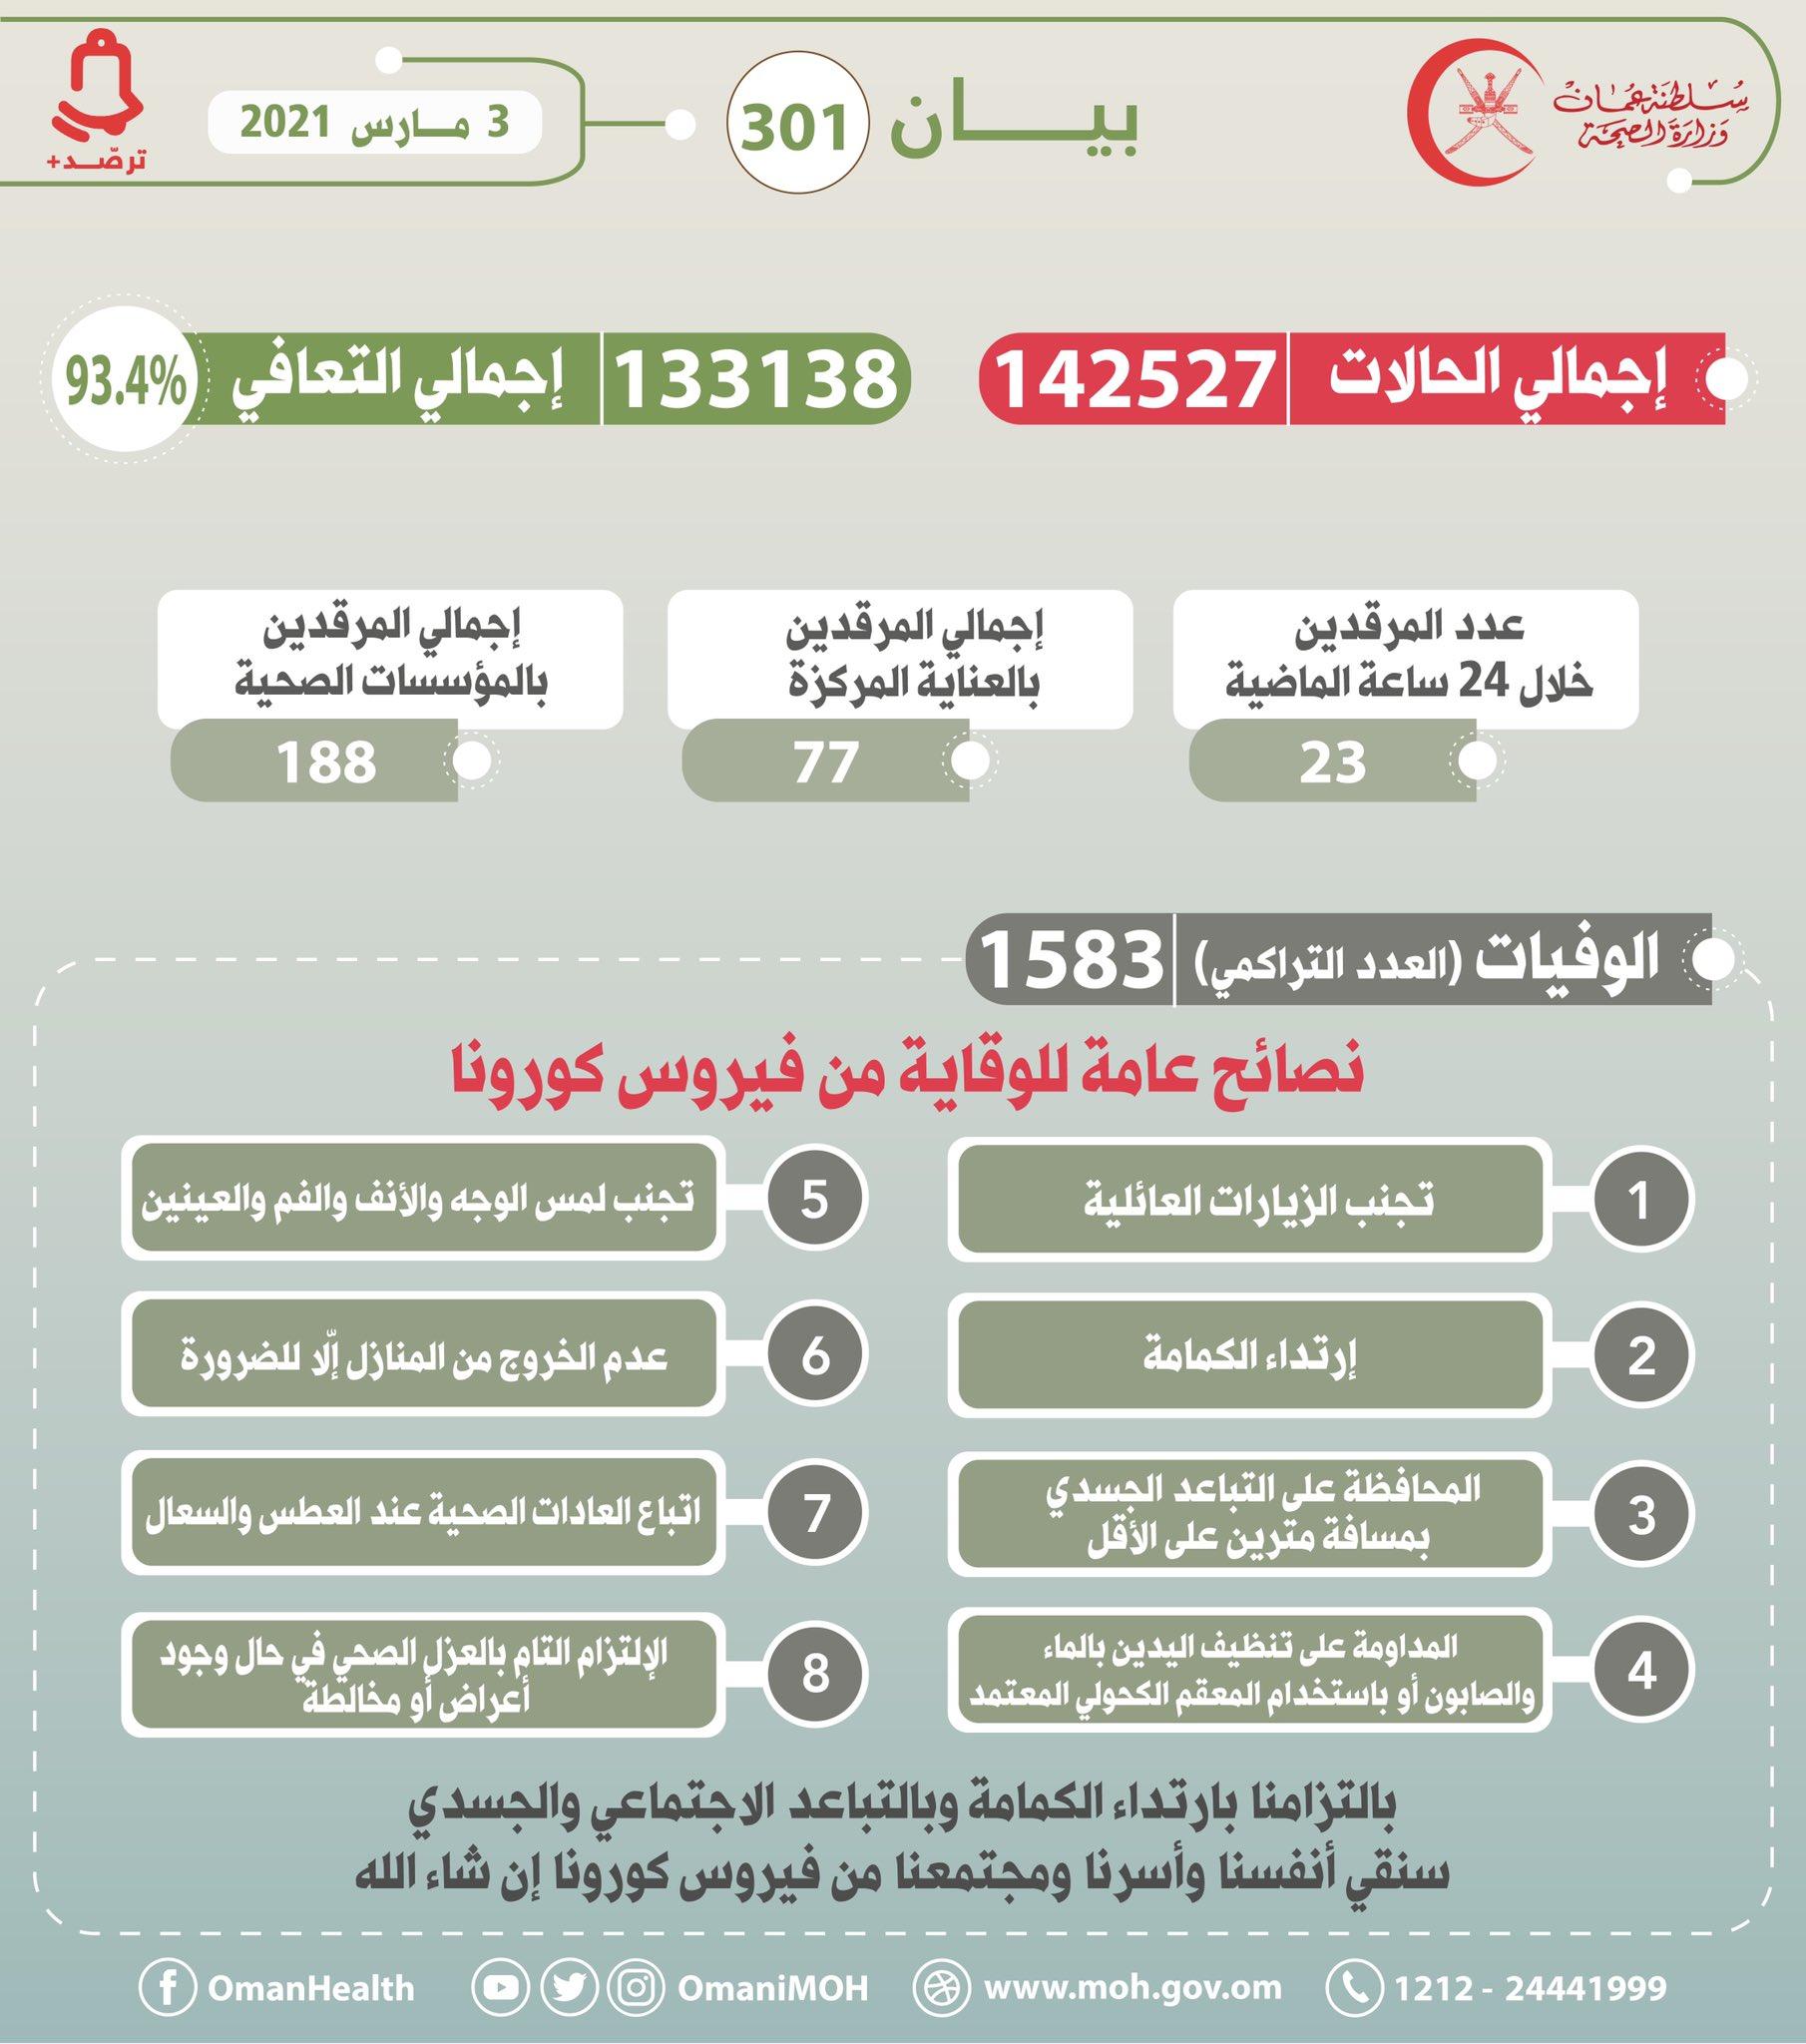 بيان رقم 301 3 مارس 2021م  #عمان_تواجه_كورونا